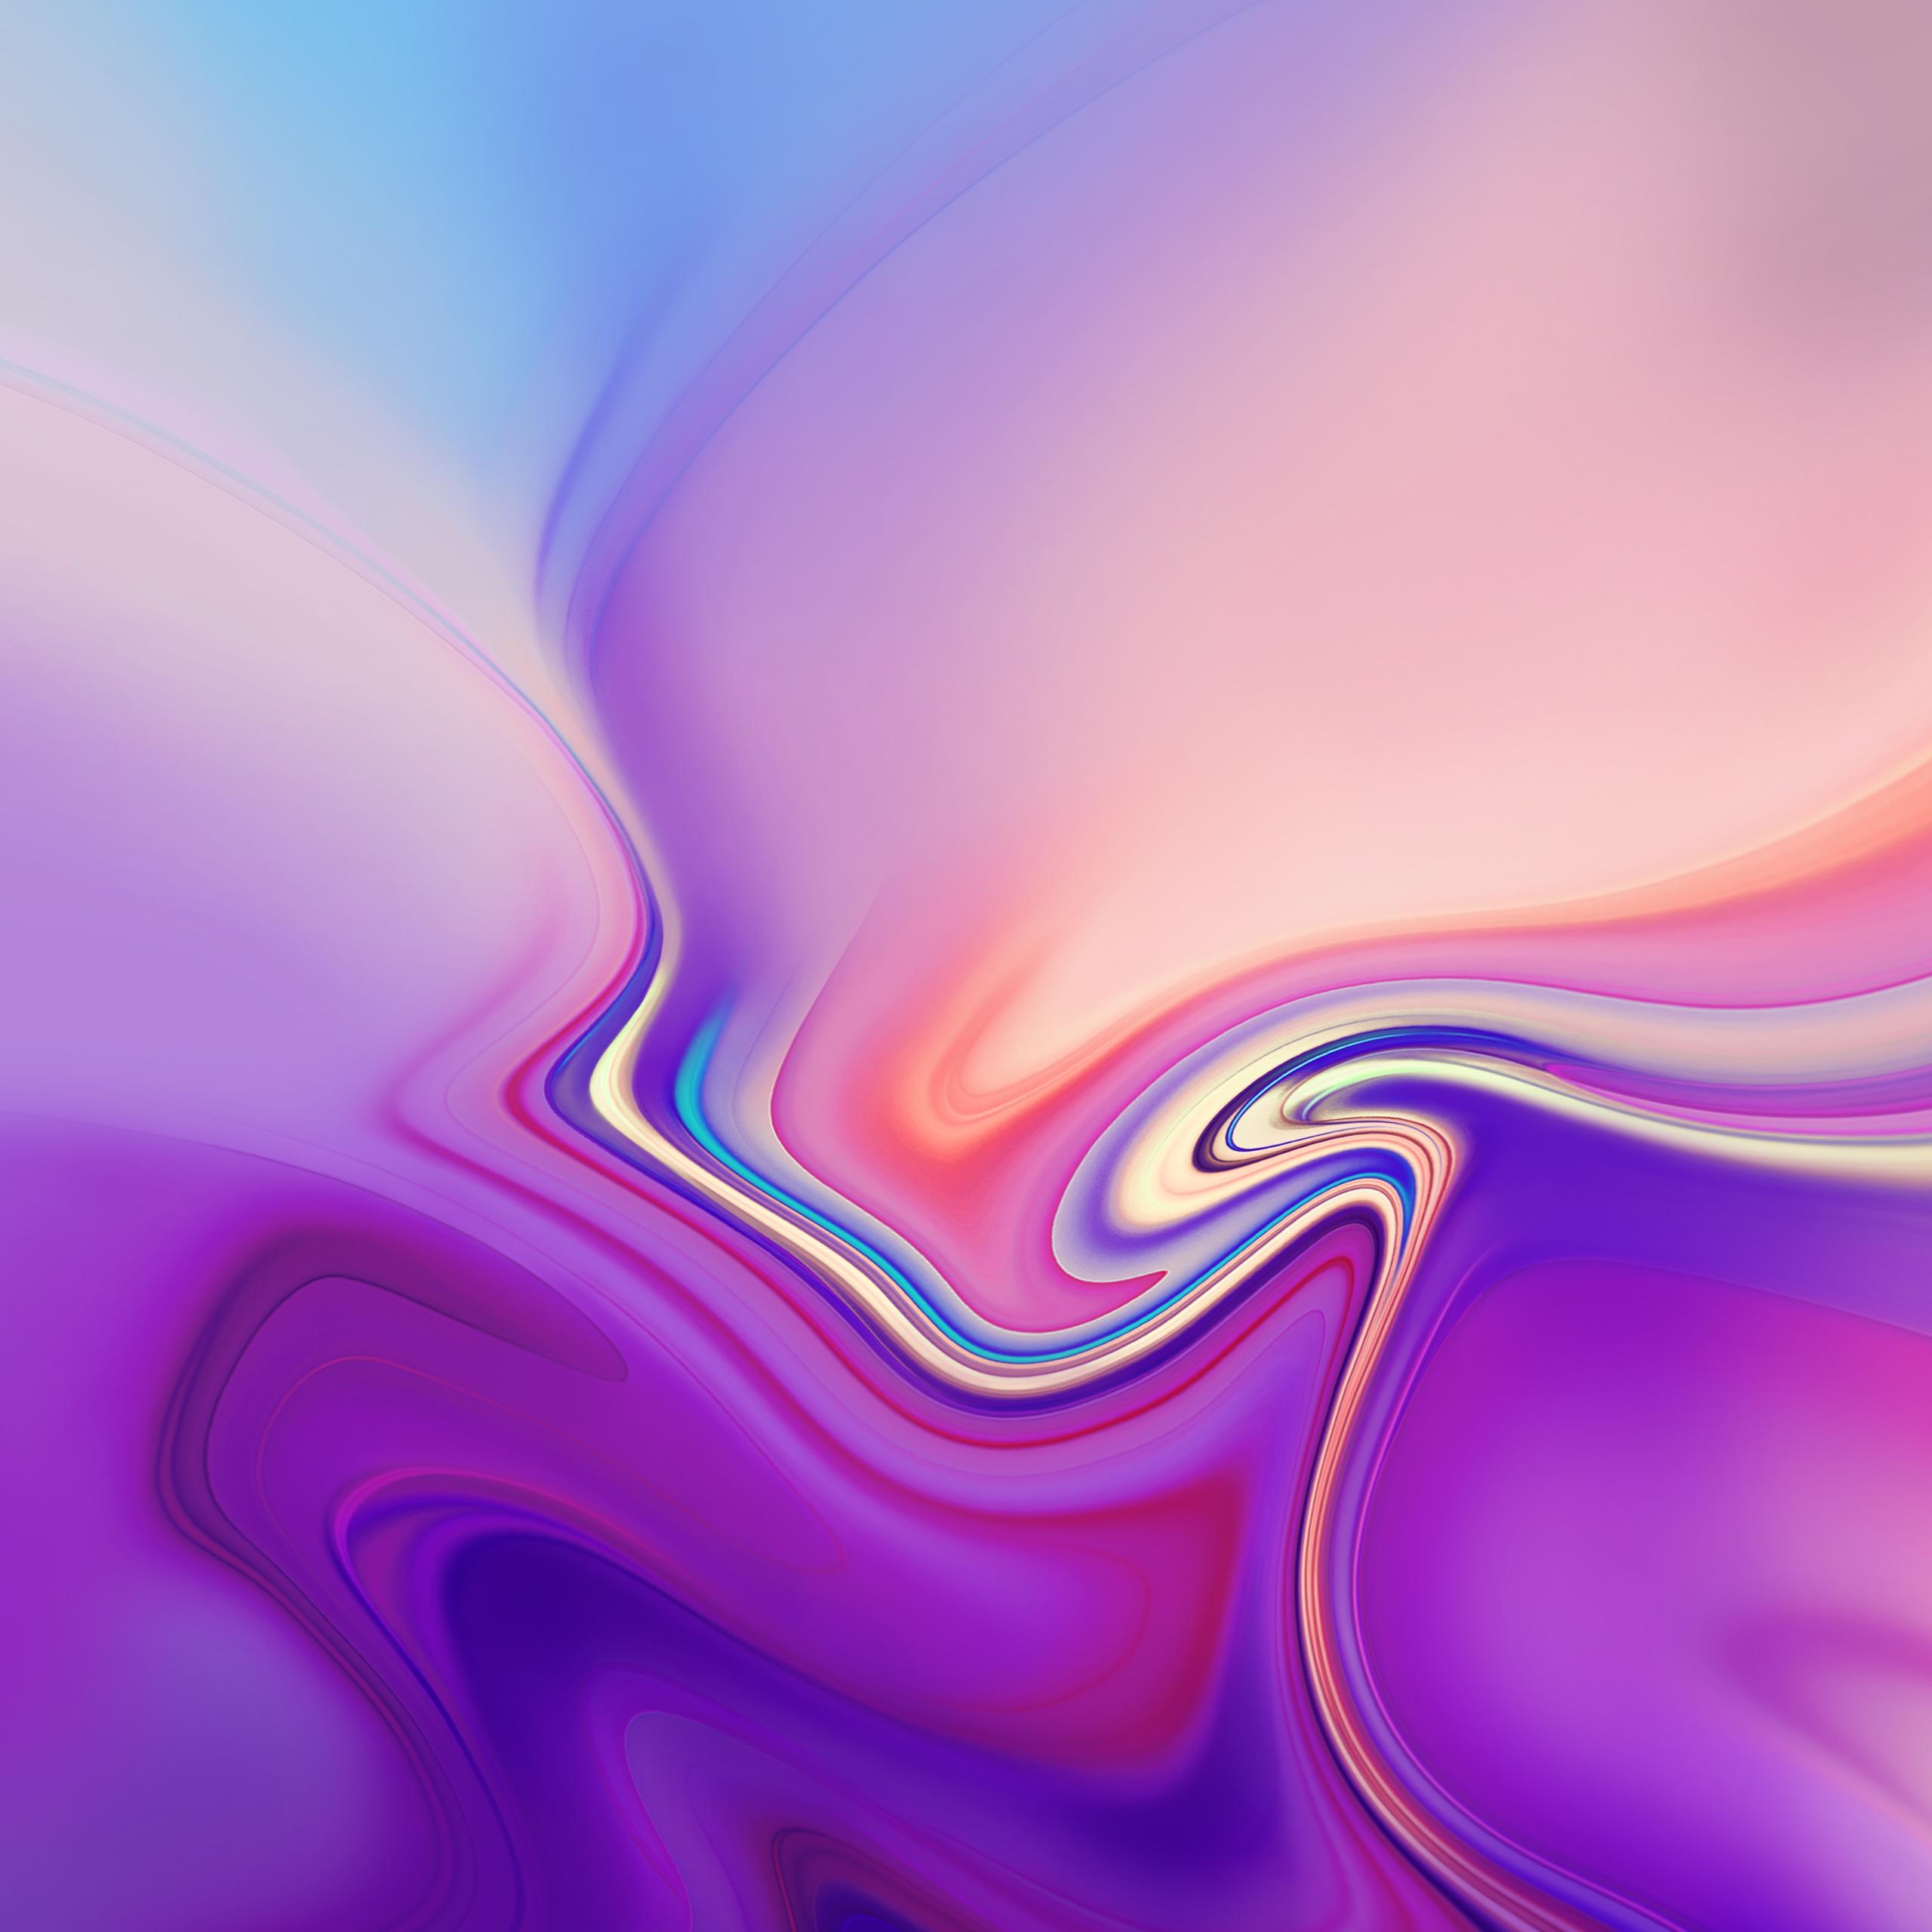 Download Samsung Galaxy J4 Galaxy J6 Plus Wallpapers Droidviews